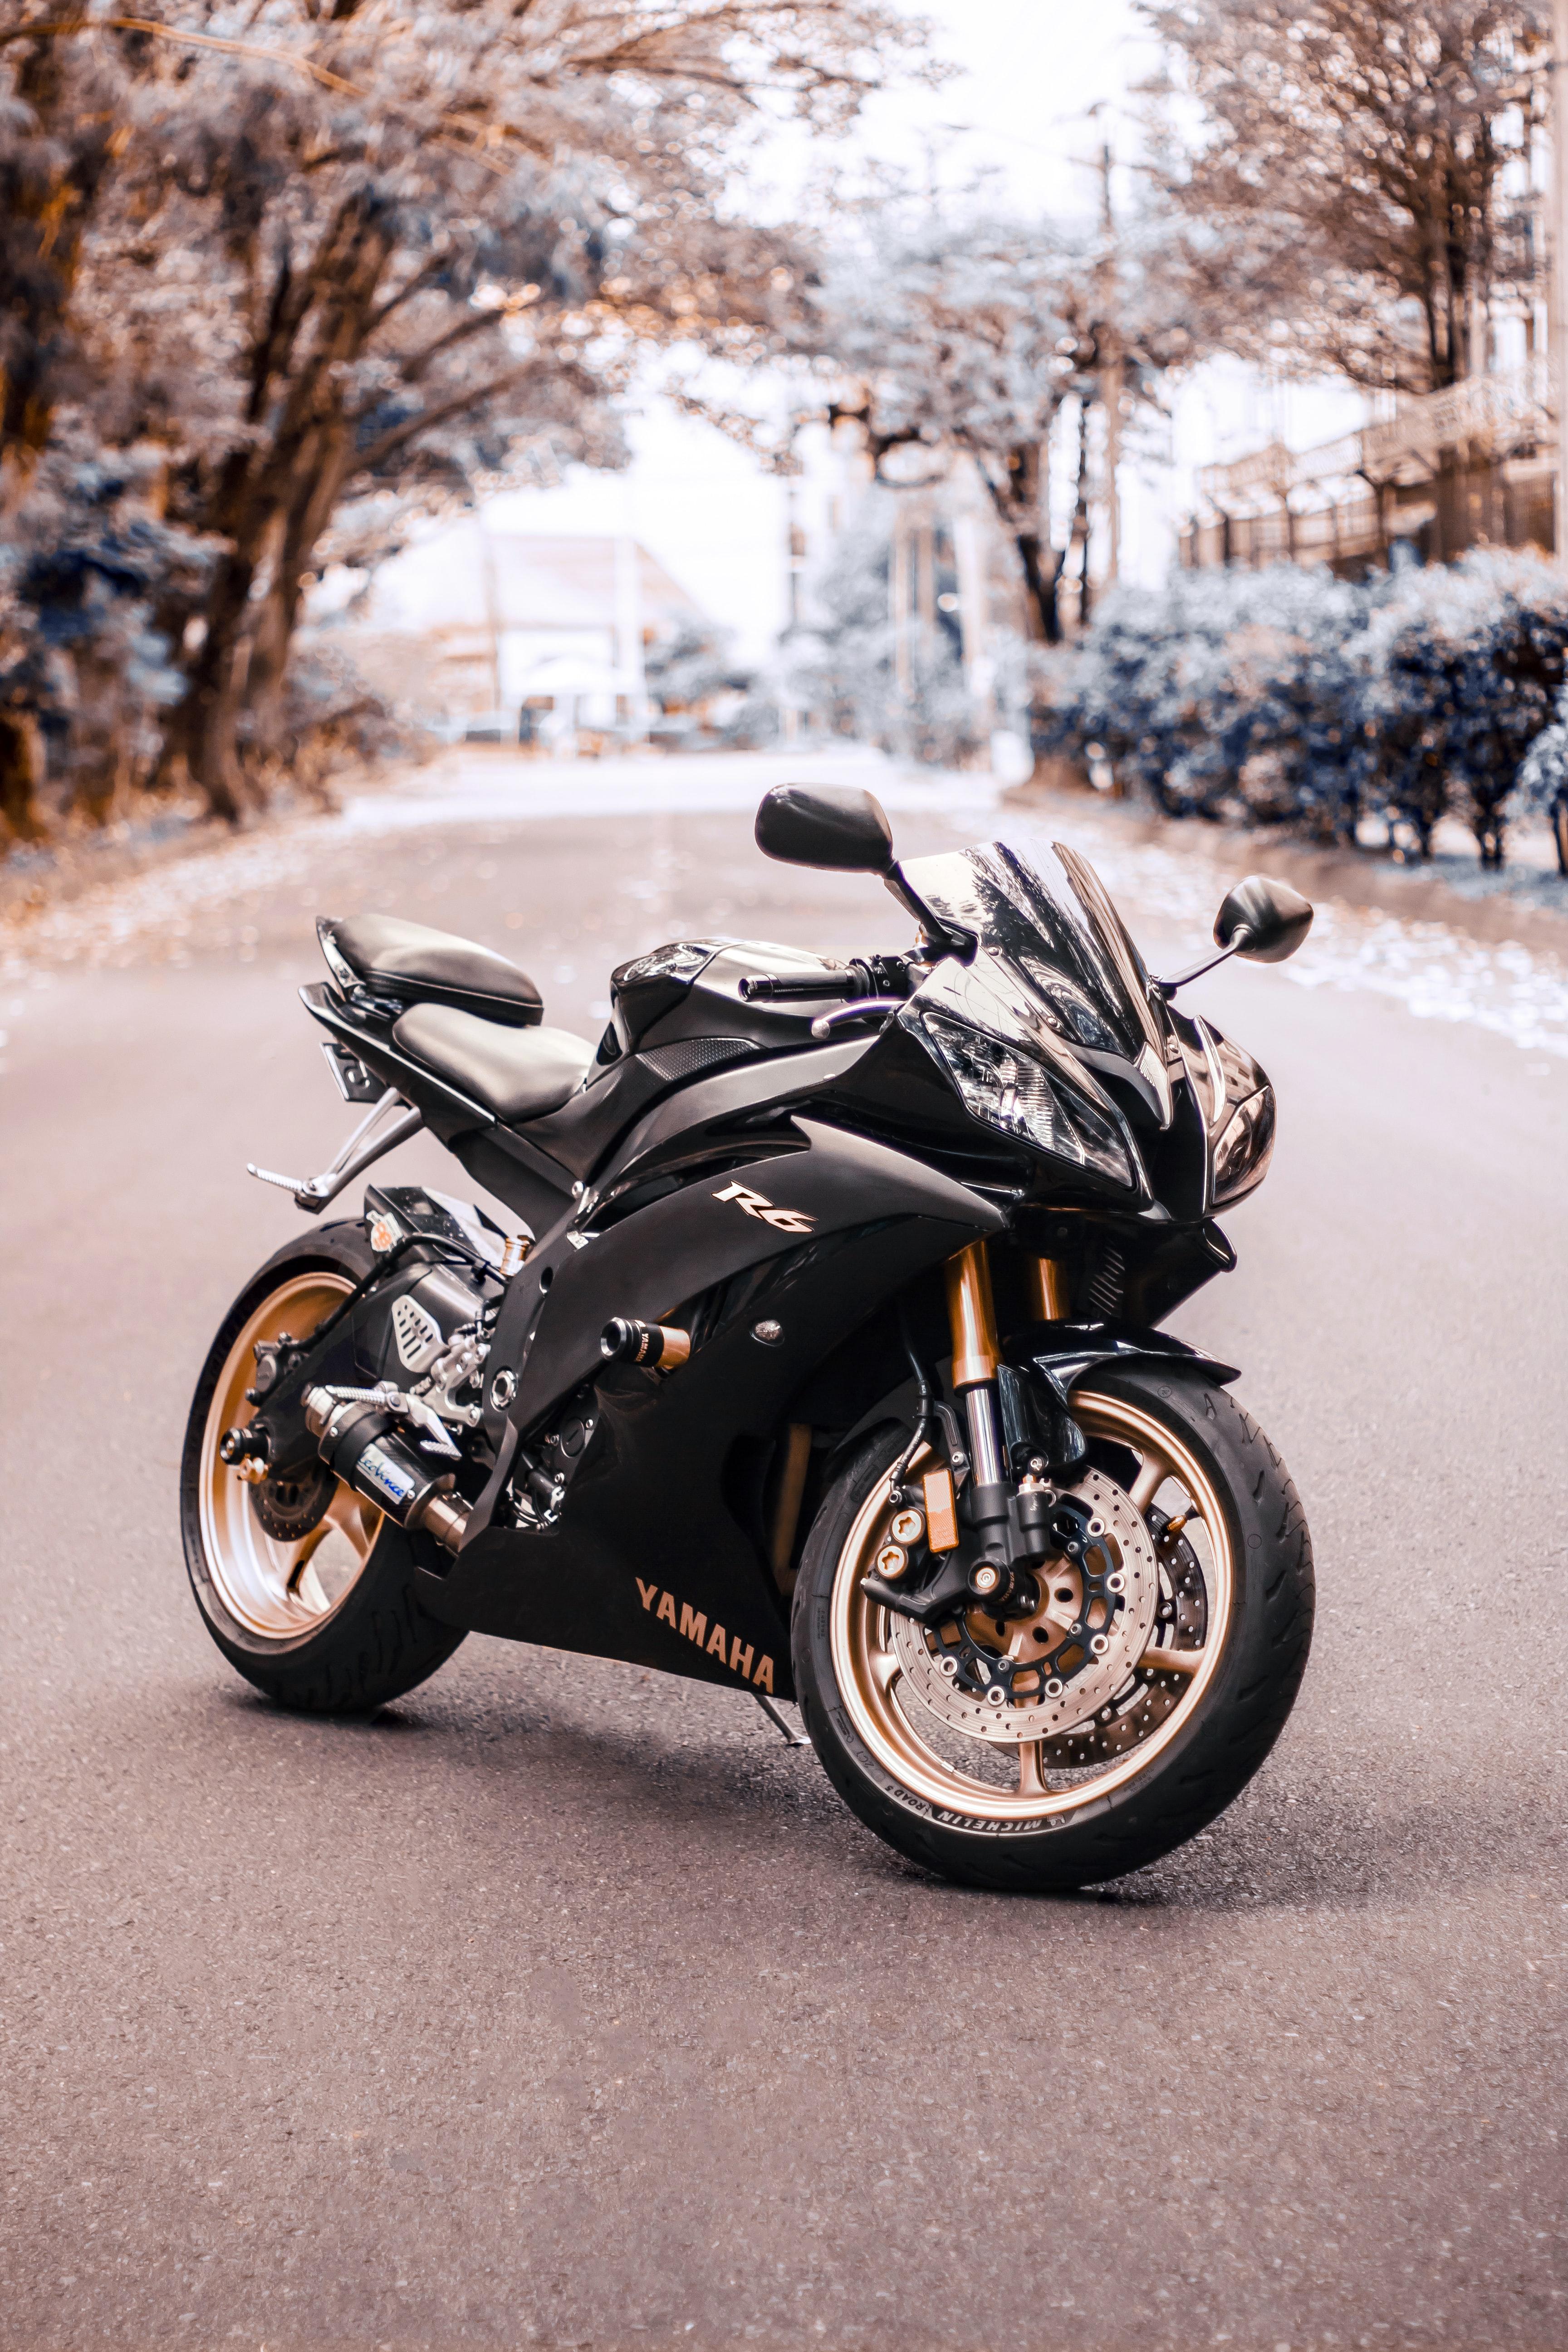 83927 Lade kostenlos Schwarz Hintergrundbilder für dein Handy herunter, Yamaha, Motorräder, Das Schwarze, Seitenansicht, Motorrad, Fahrrad, Yamaha R6 Schwarz Bilder und Bildschirmschoner für dein Handy